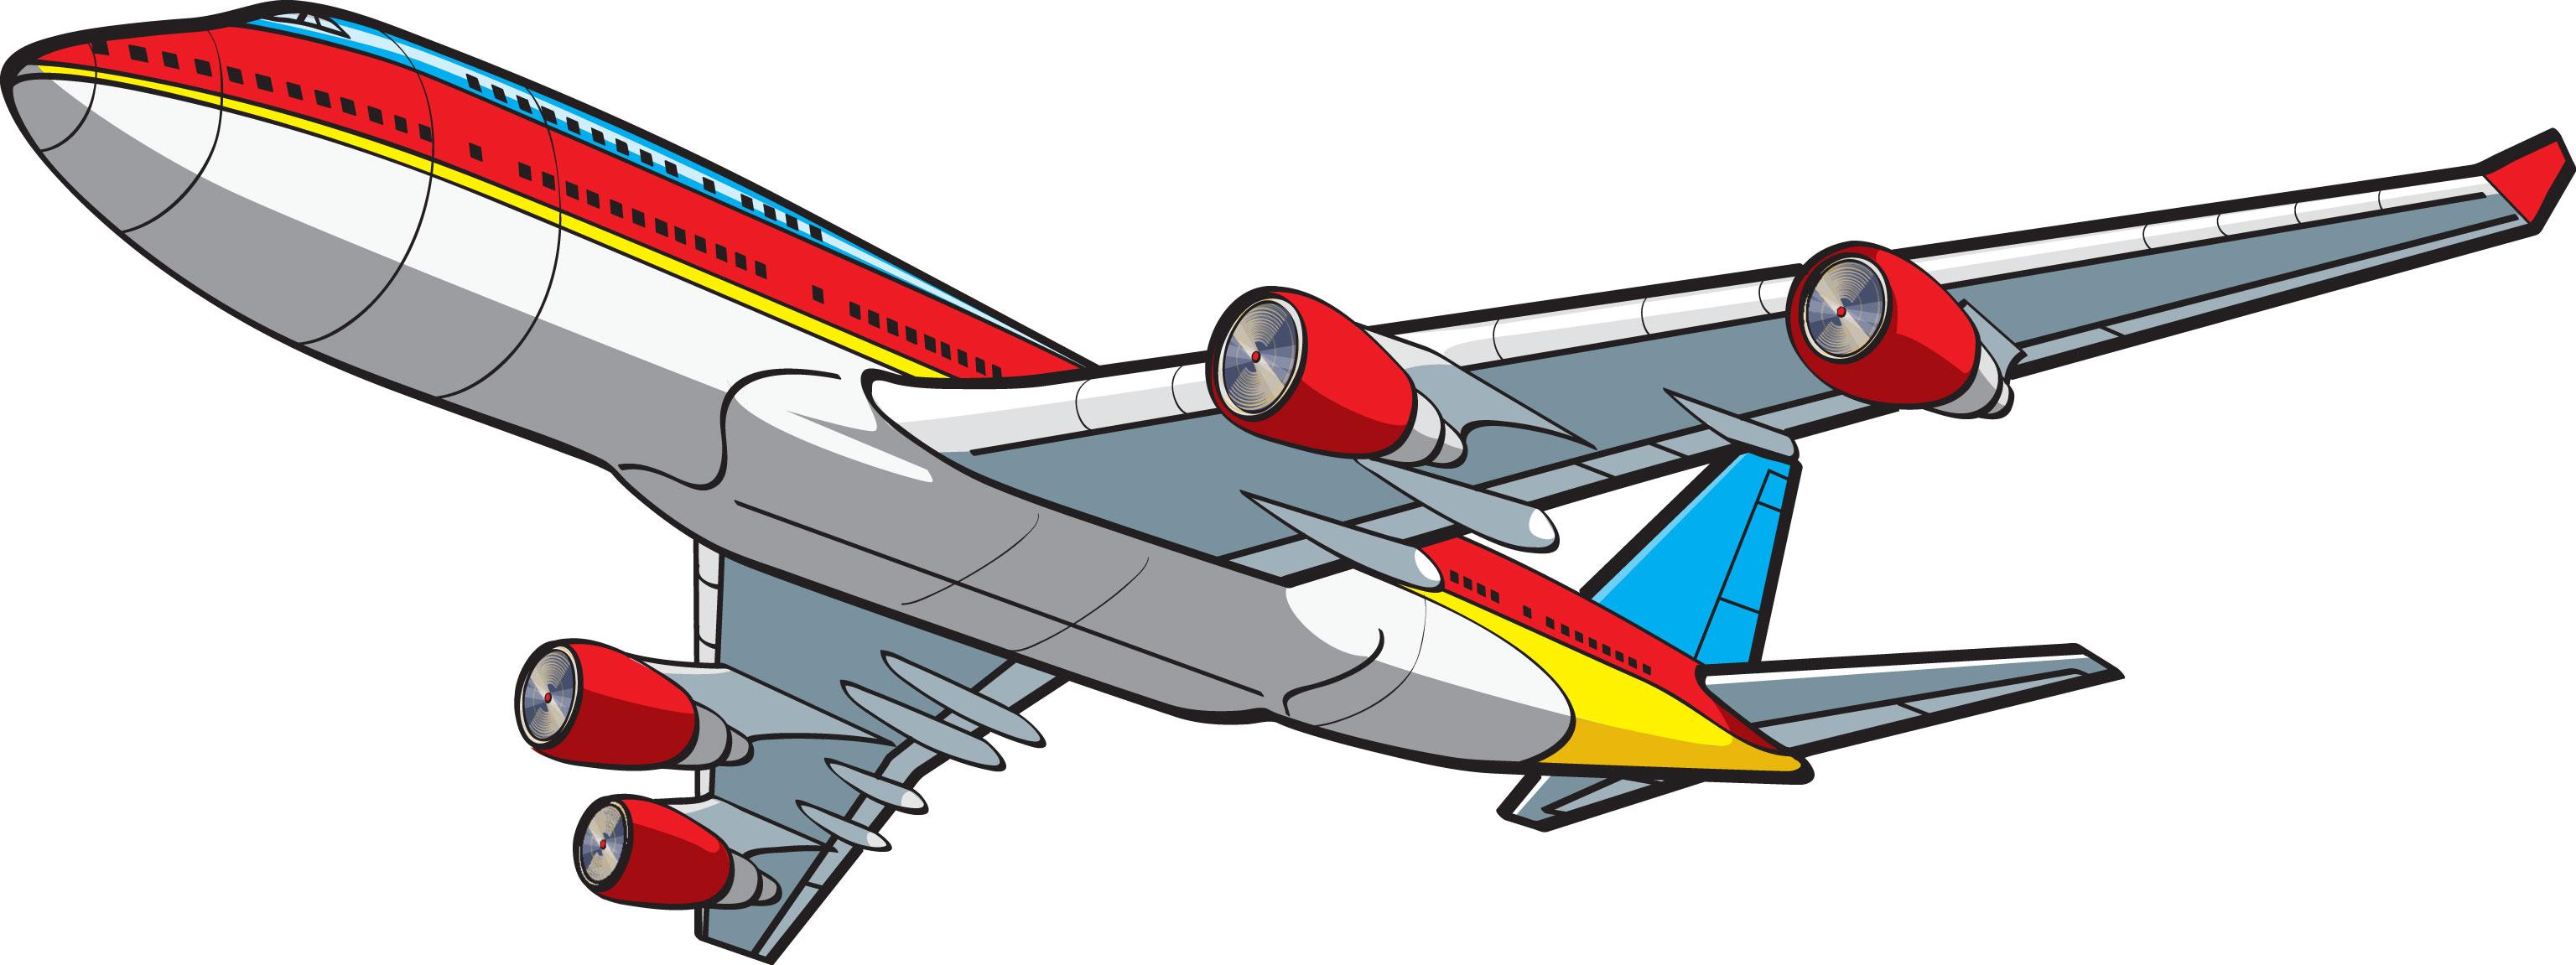 3072x1151 Airplane Clip Art Free 3